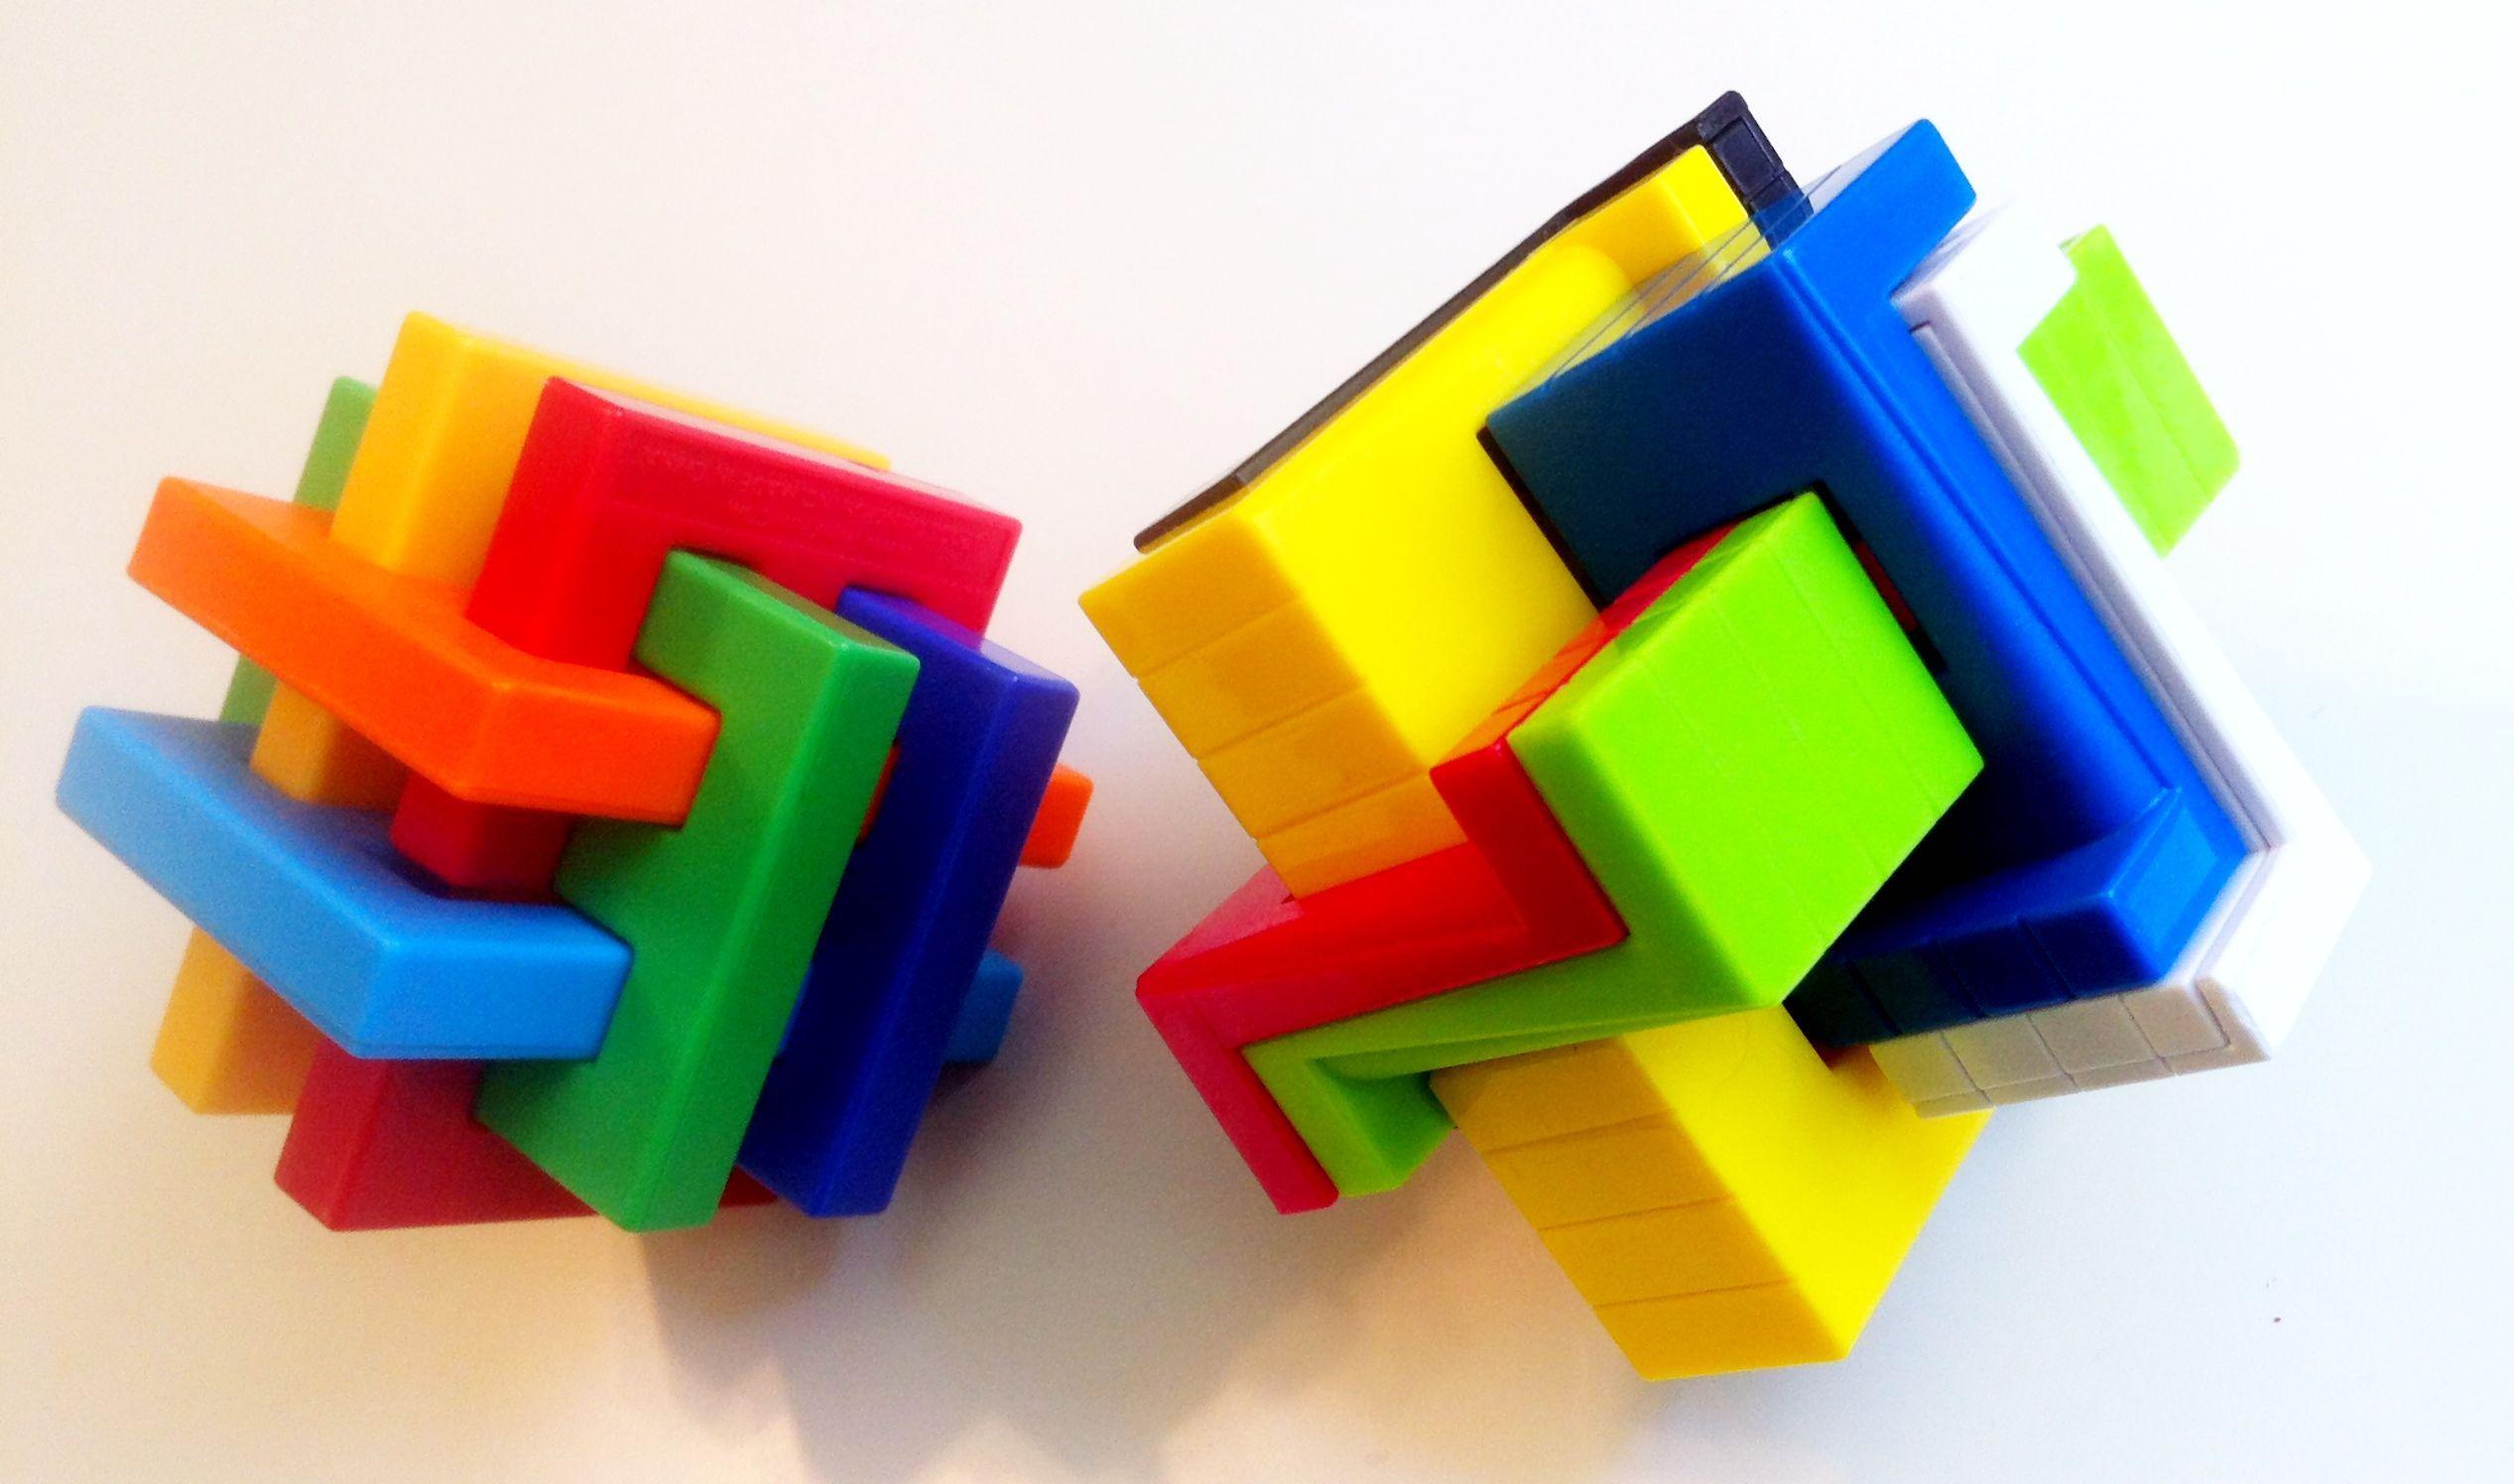 puzzle und geduldspiele ideen f r jungs 10 14 jahre. Black Bedroom Furniture Sets. Home Design Ideas